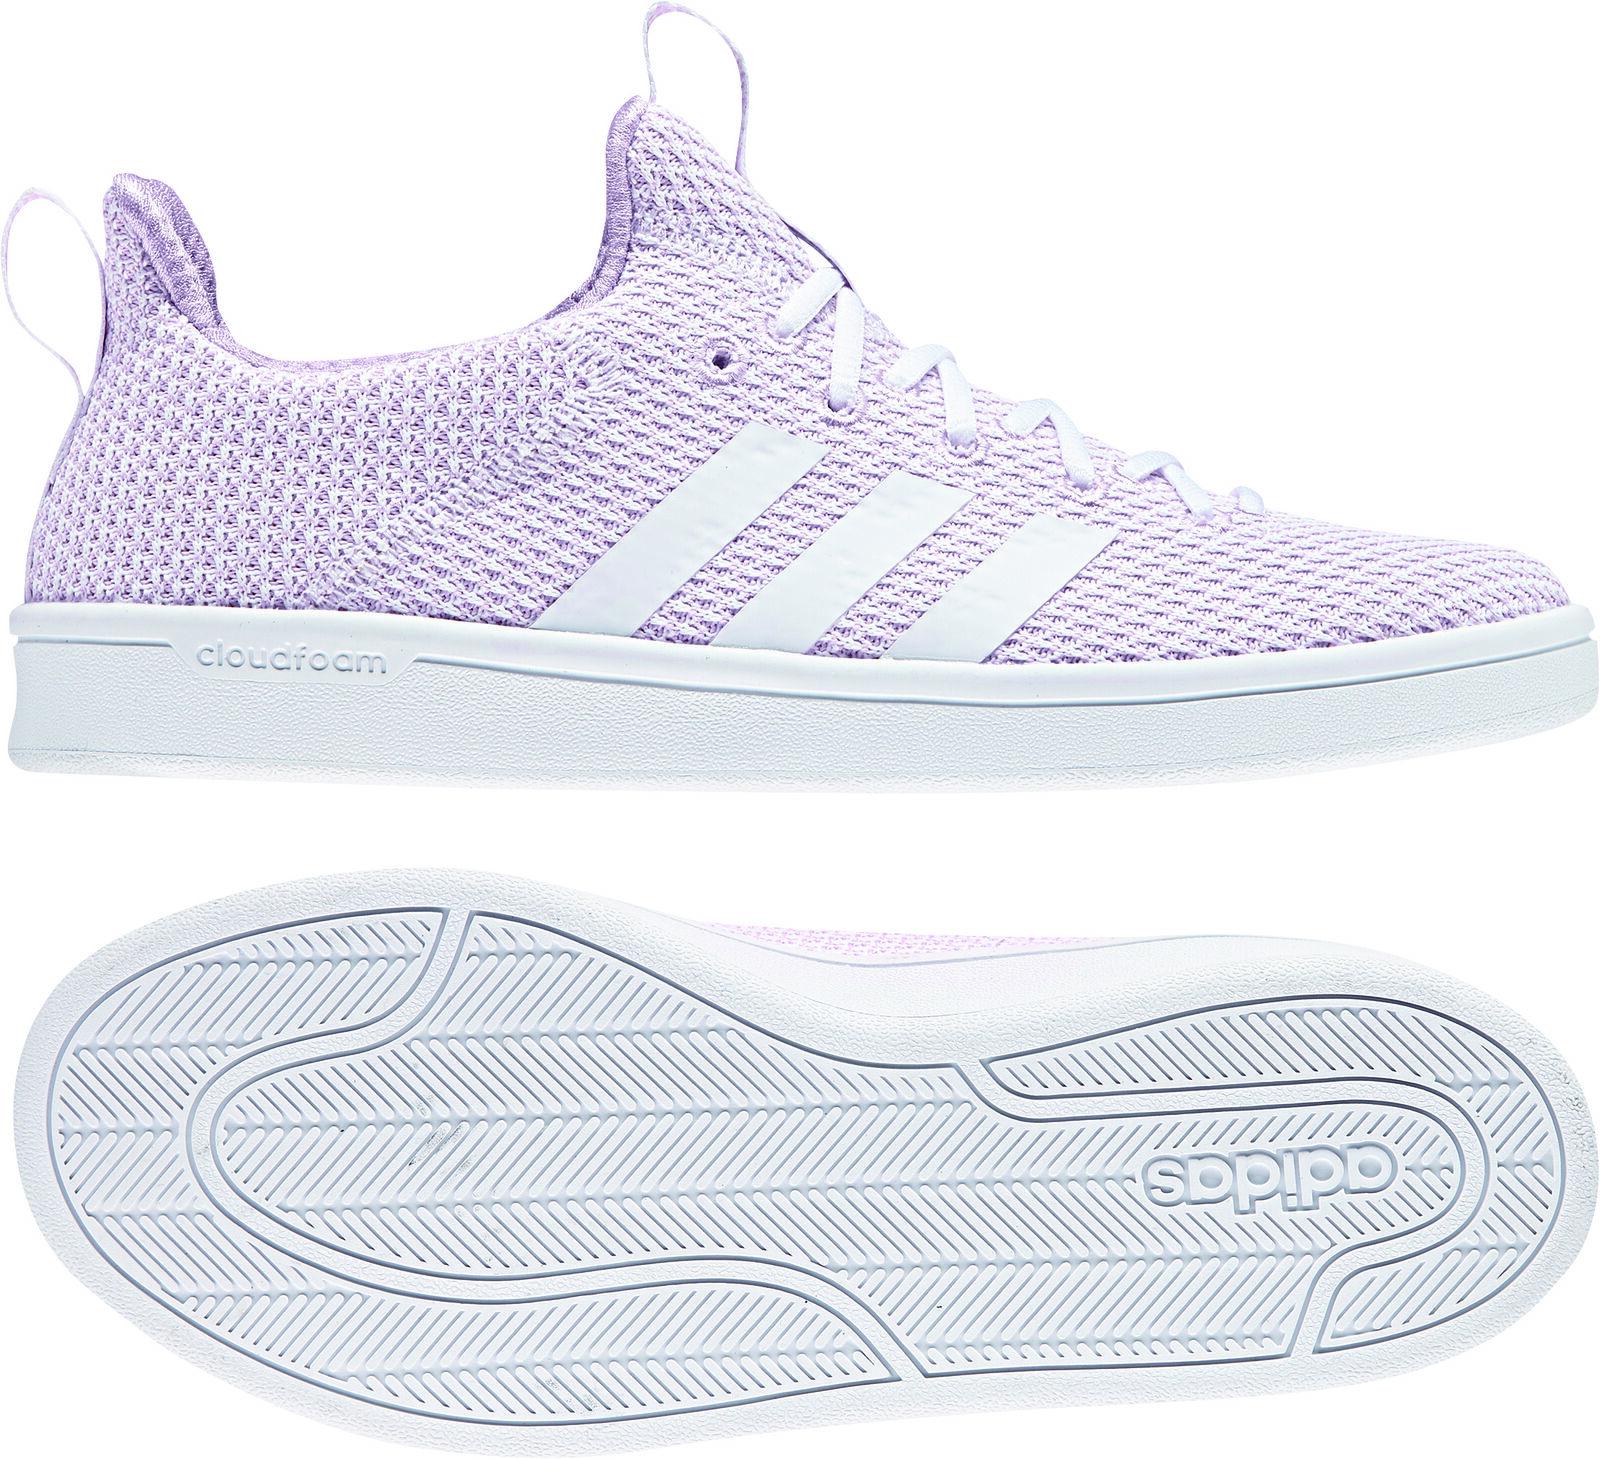 Zapatos promocionales para hombres y mujeres adidas CF ADV Adapt - Damen Sneaker Freizeitshuhe - DB0266